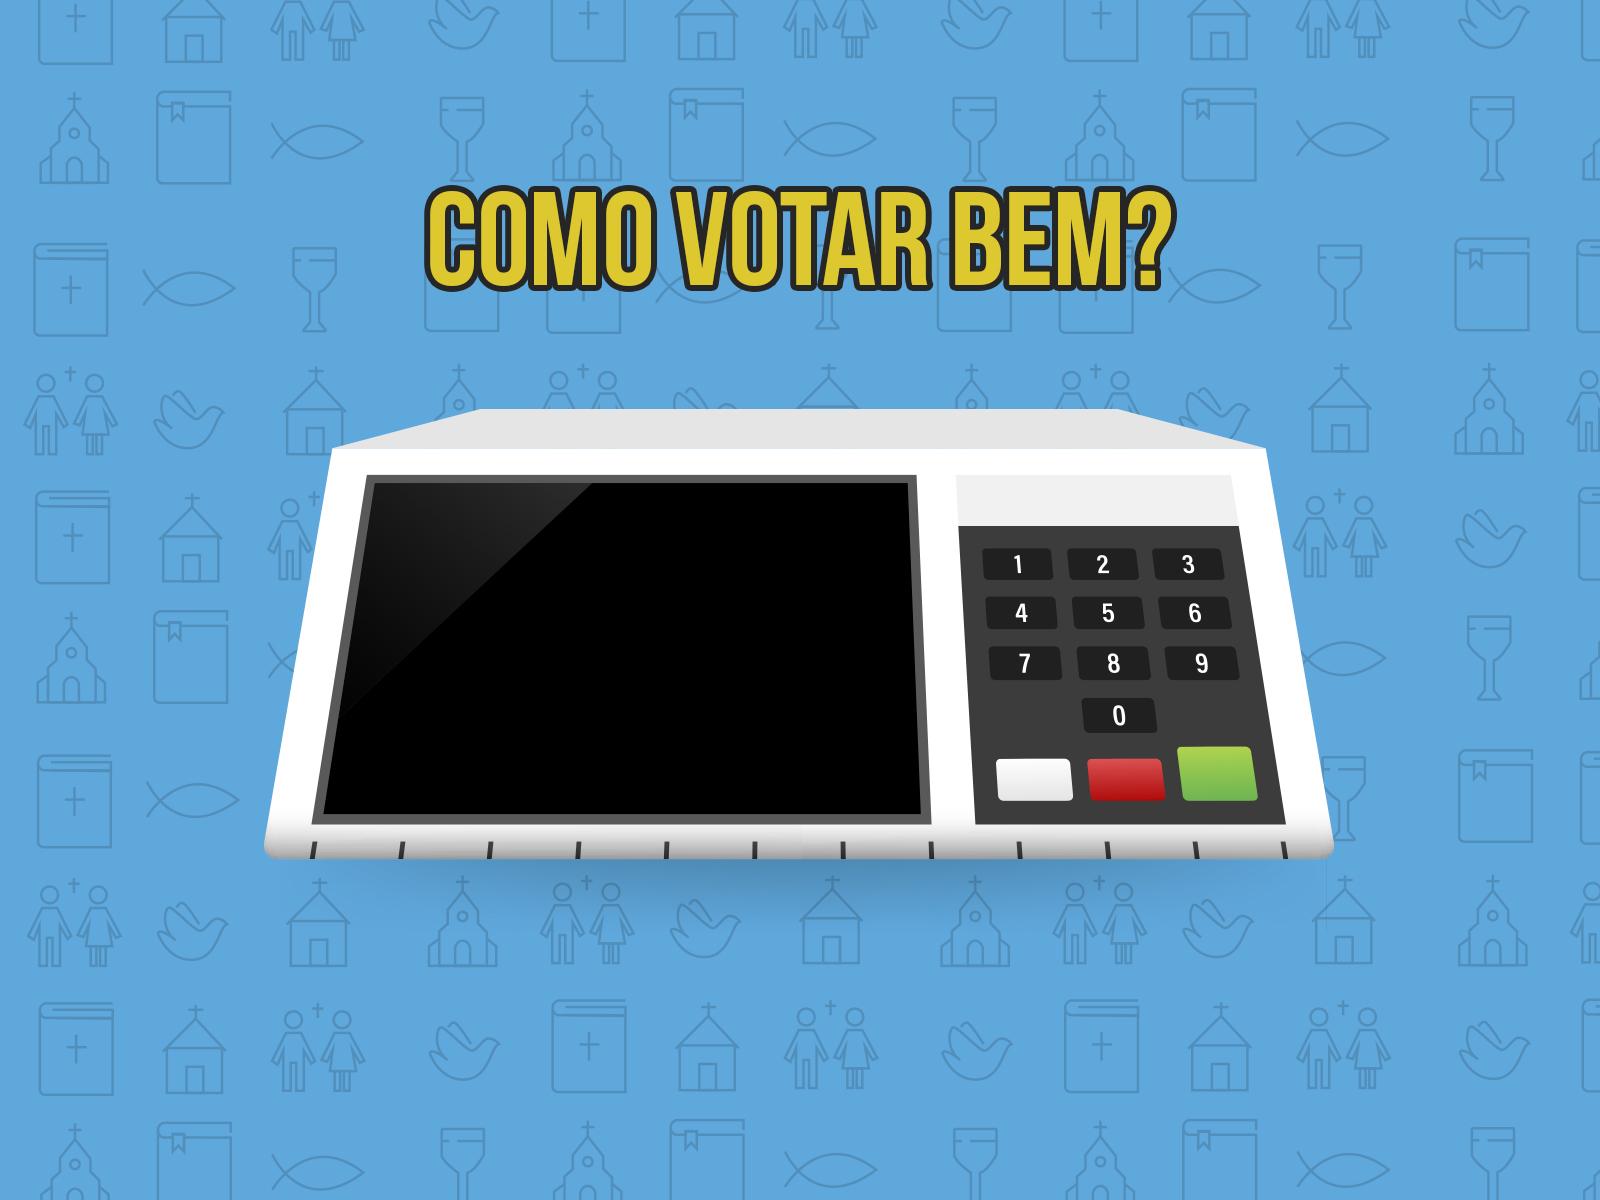 Professor Felipe Aquino orienta como votar bem